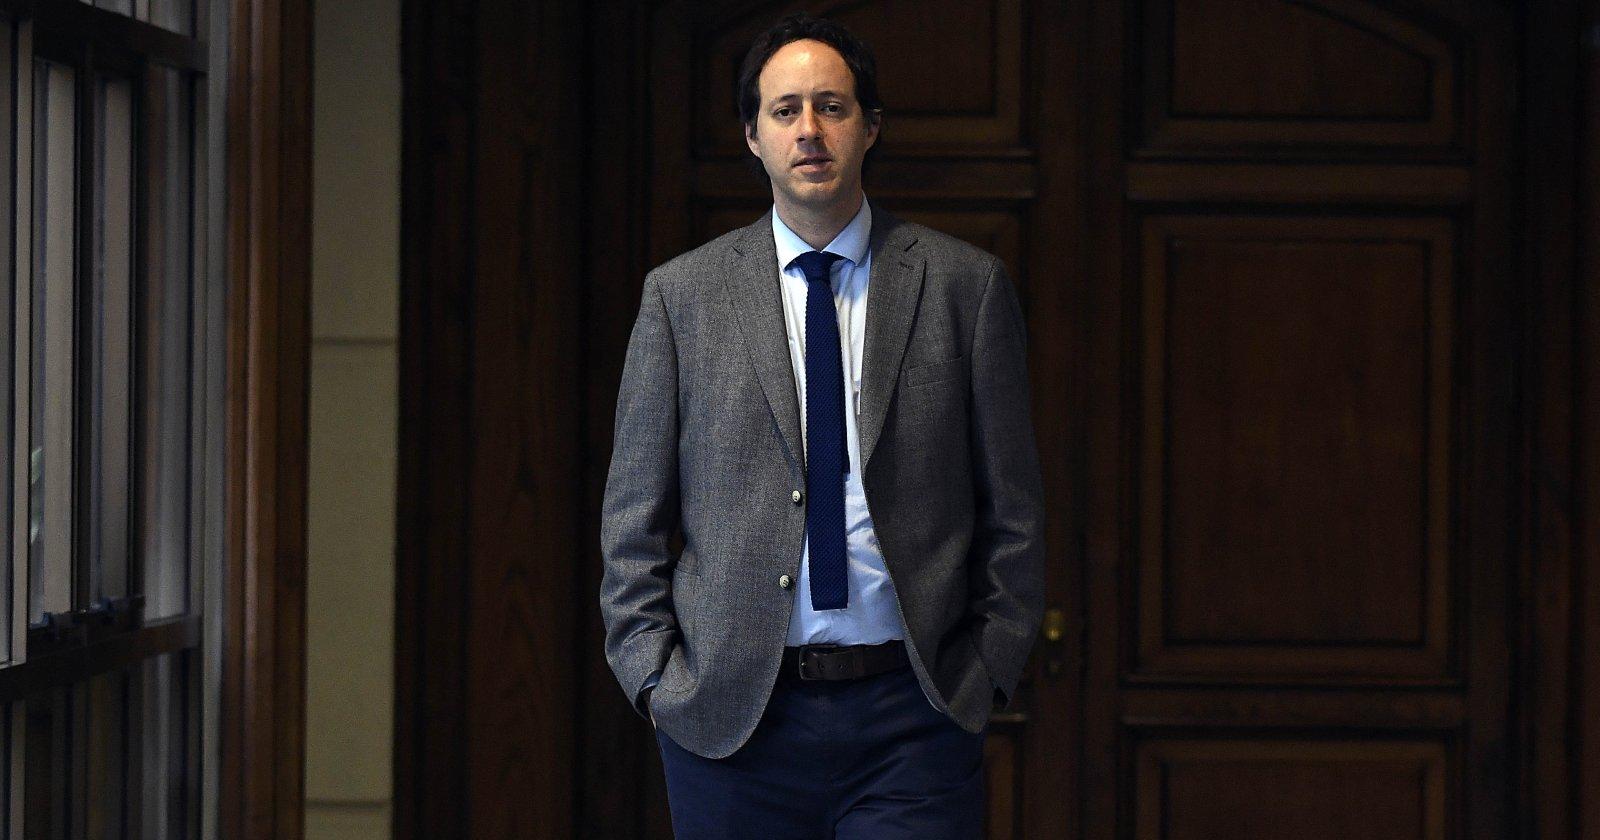 Diputado Cristóbal Urruticoechea renuncia a Renovación Nacional